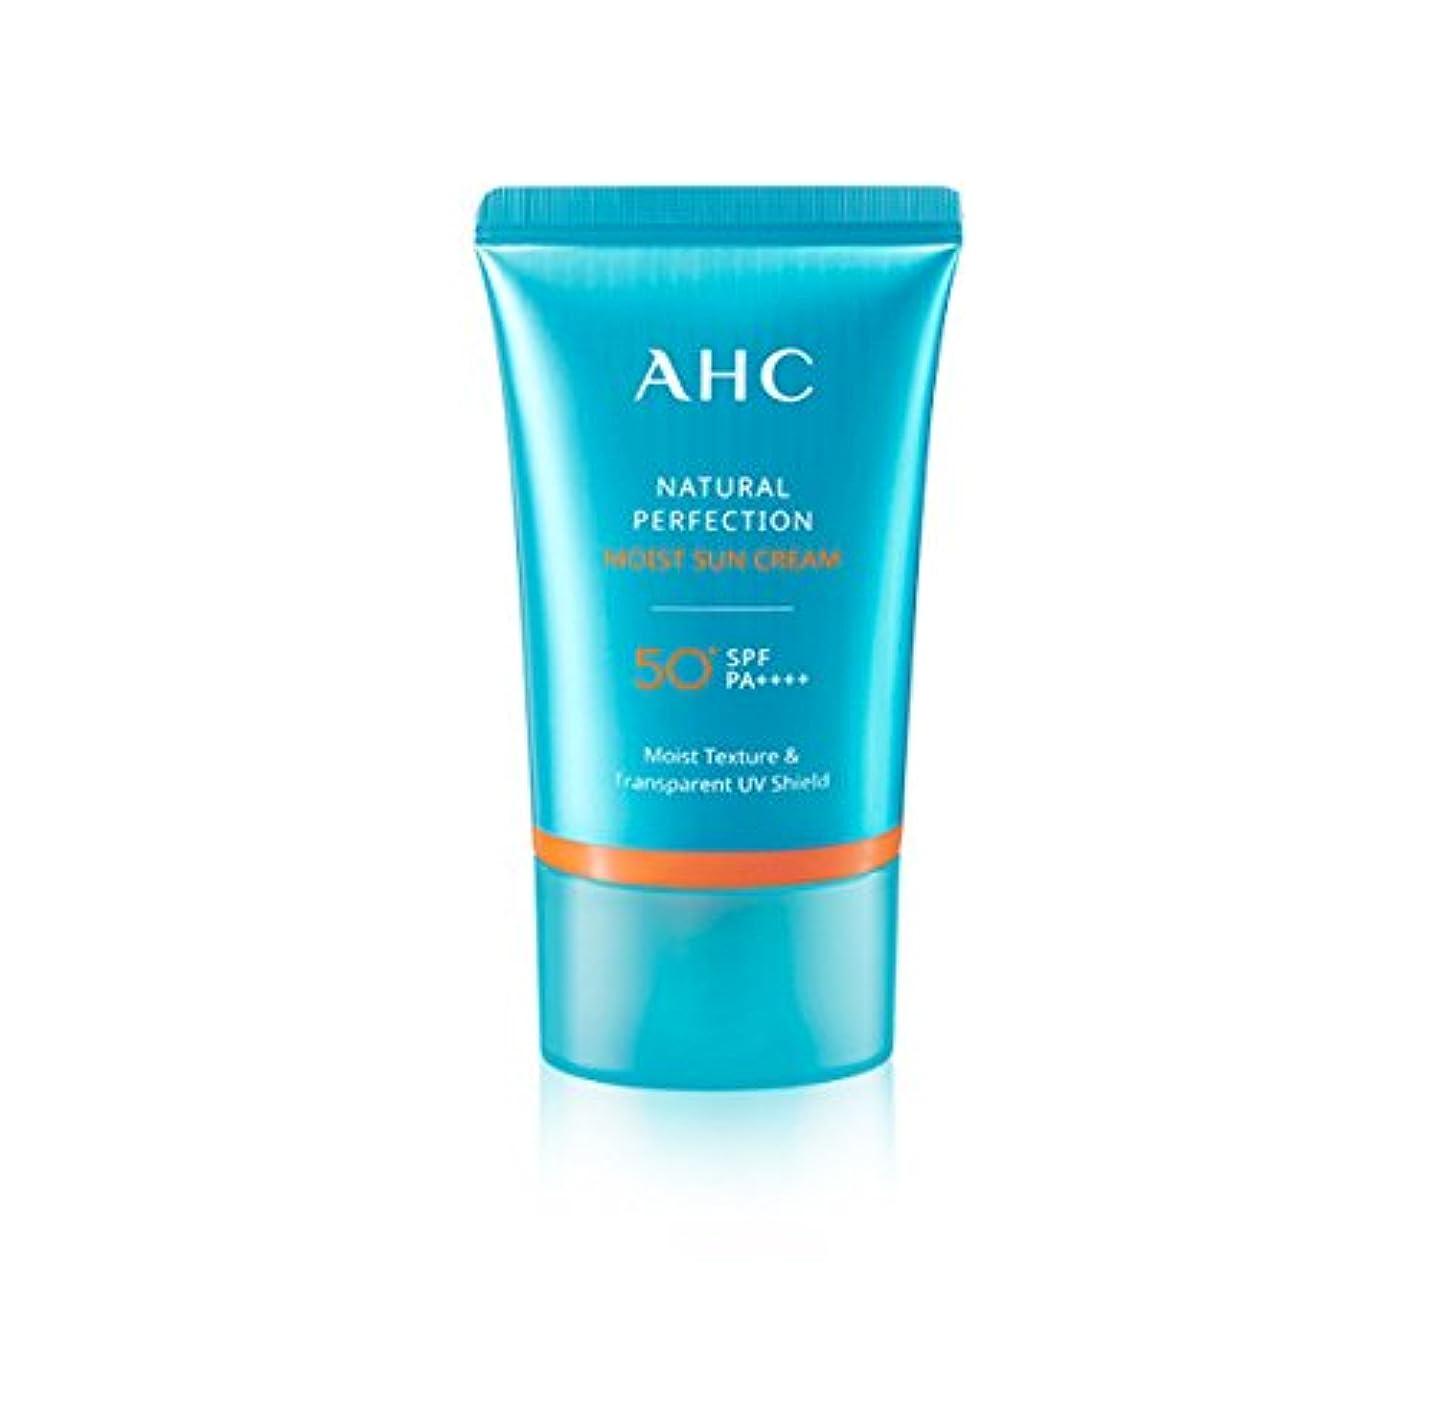 発音するロッド応答AHC Natural Perfection Moist Sun Cream 50ml/AHC ナチュラル パーフェクション モイスト サン クリーム 50ml [並行輸入品]